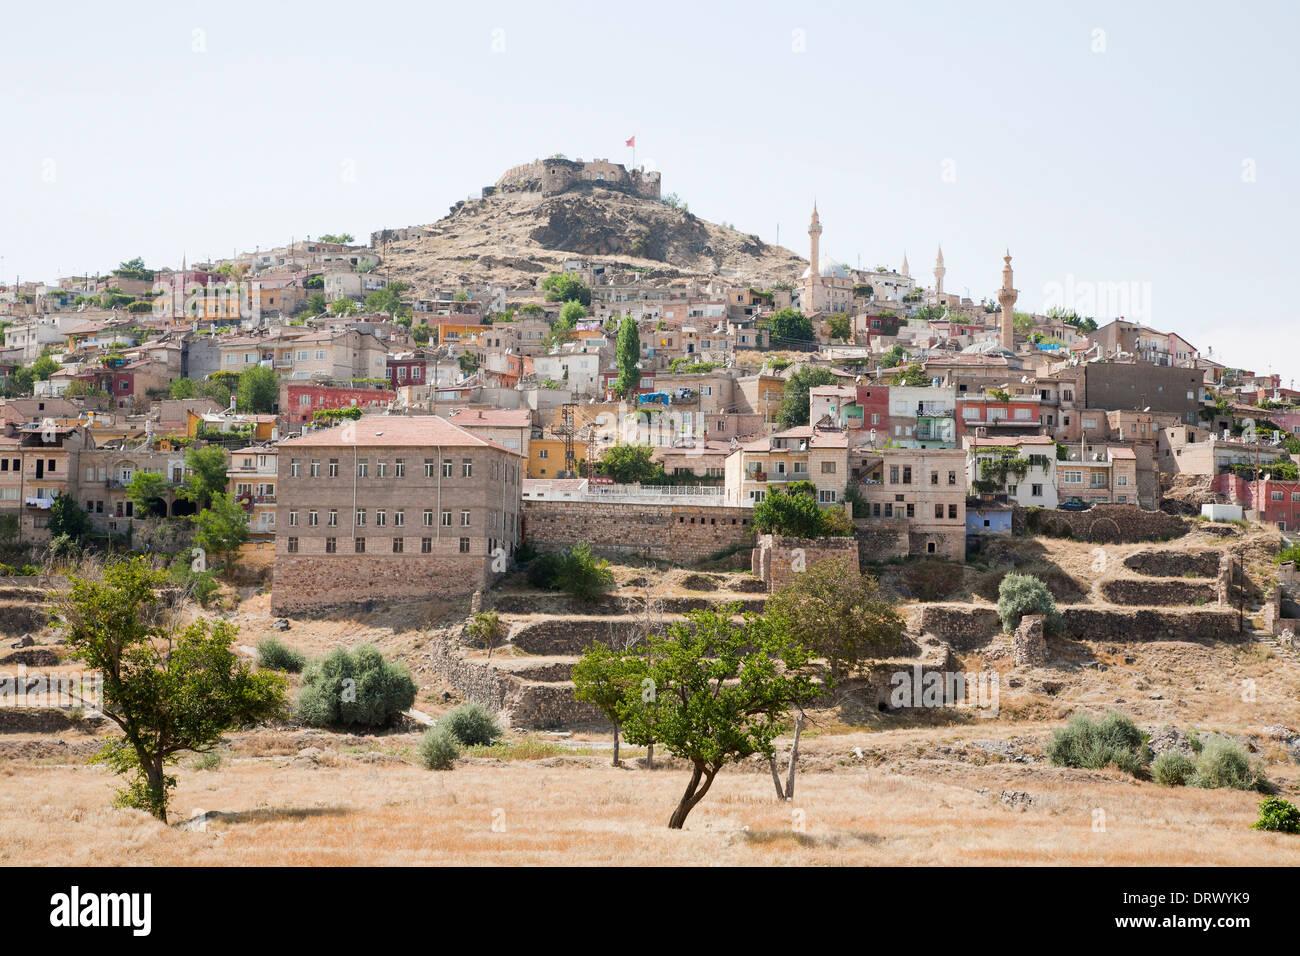 nevsehir, cappadocia, anatolia, turkey, asia - Stock Image